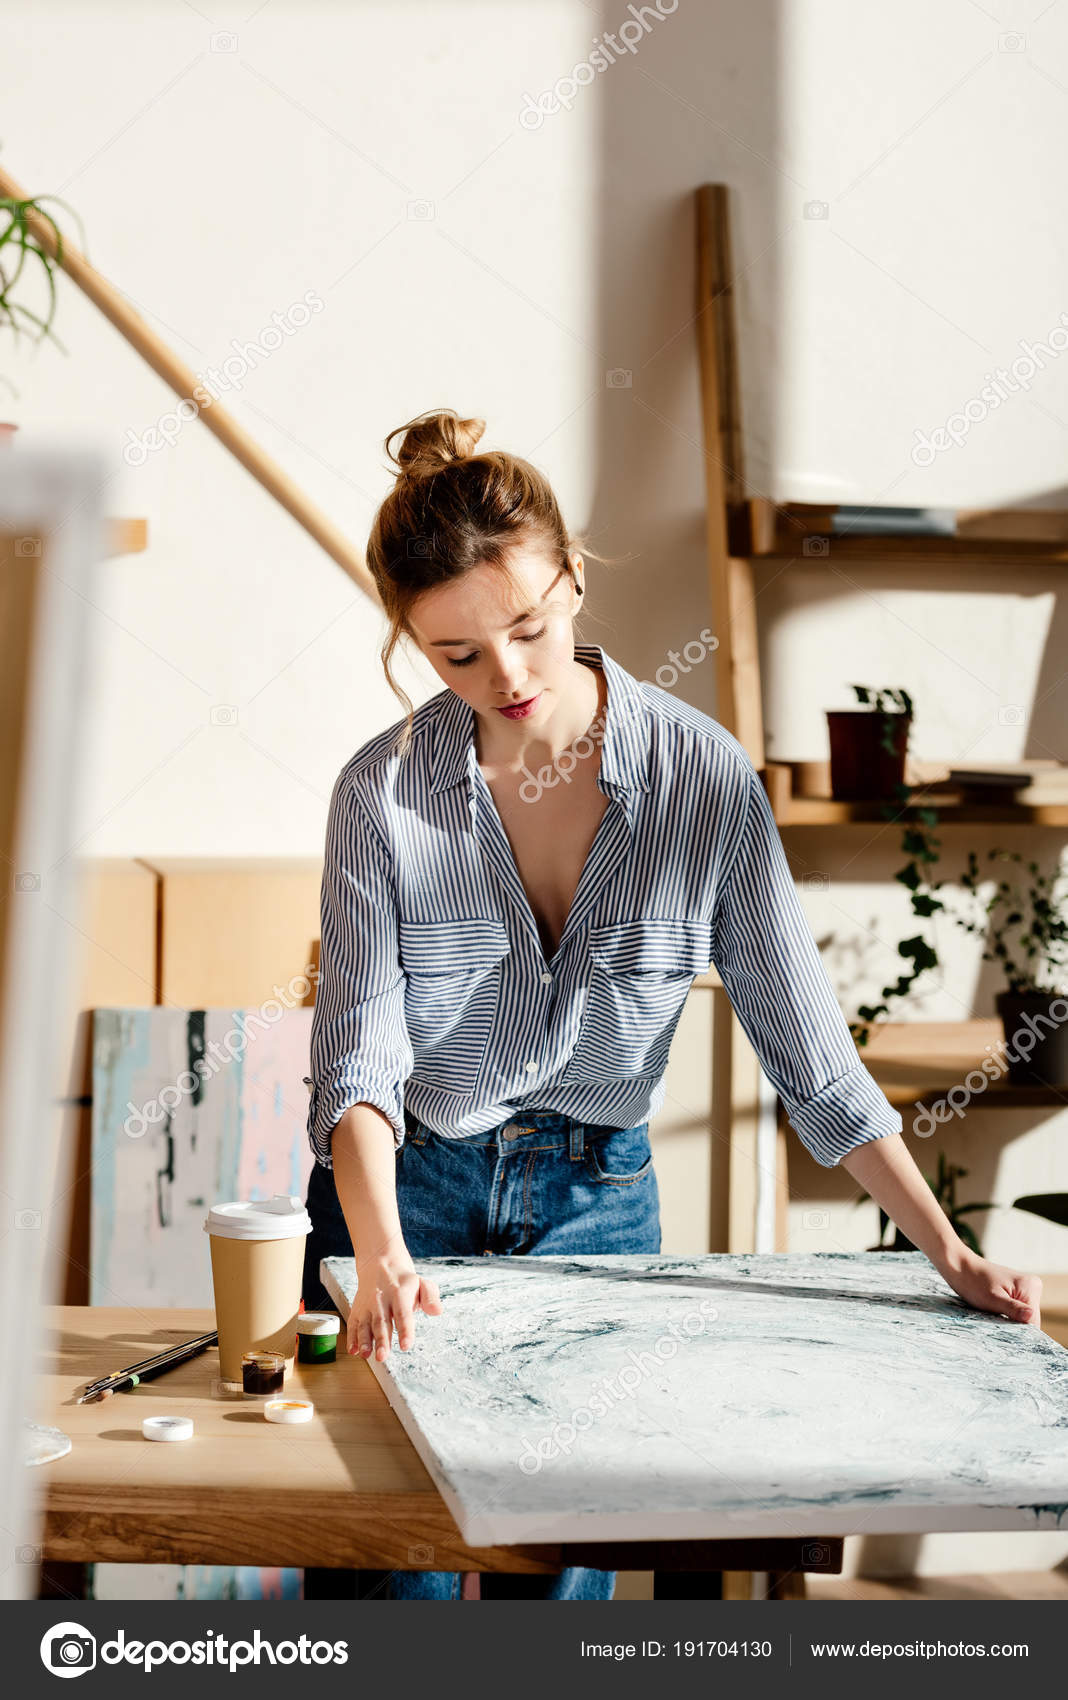 Schilderij Met Eigen Foto.Vrouwelijke Kunstenaar Eigen Schilderij Tafel Met Een Koffiekopje